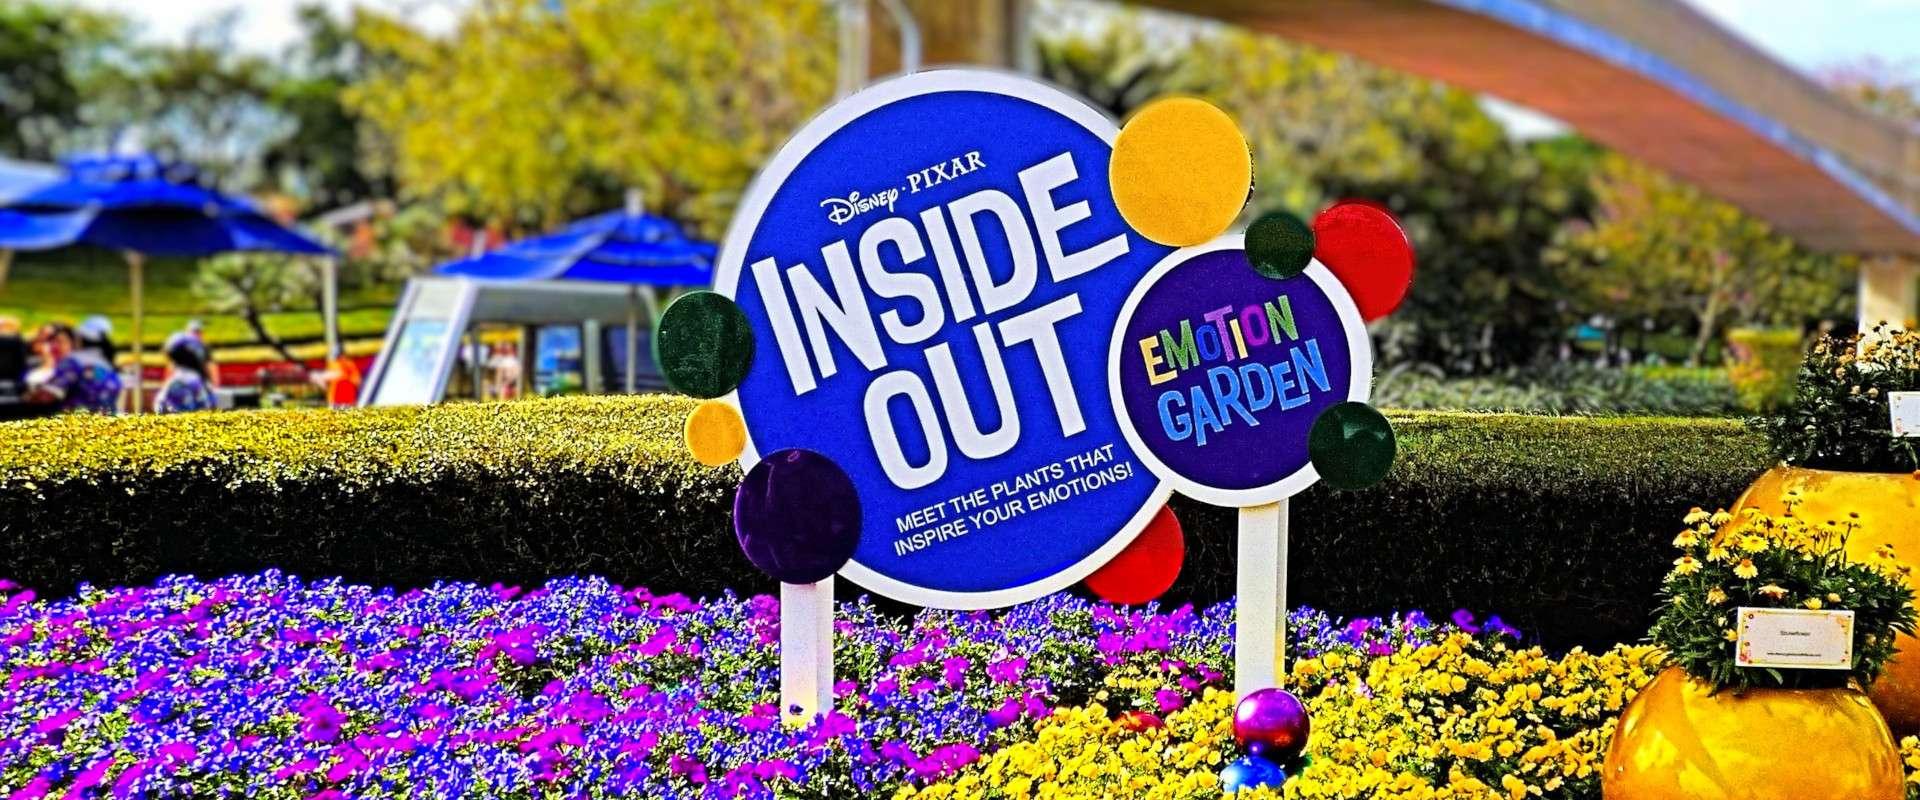 Disney_Pixar_INSIDE_OUT_Emotion_Garden_(16982630260)_header